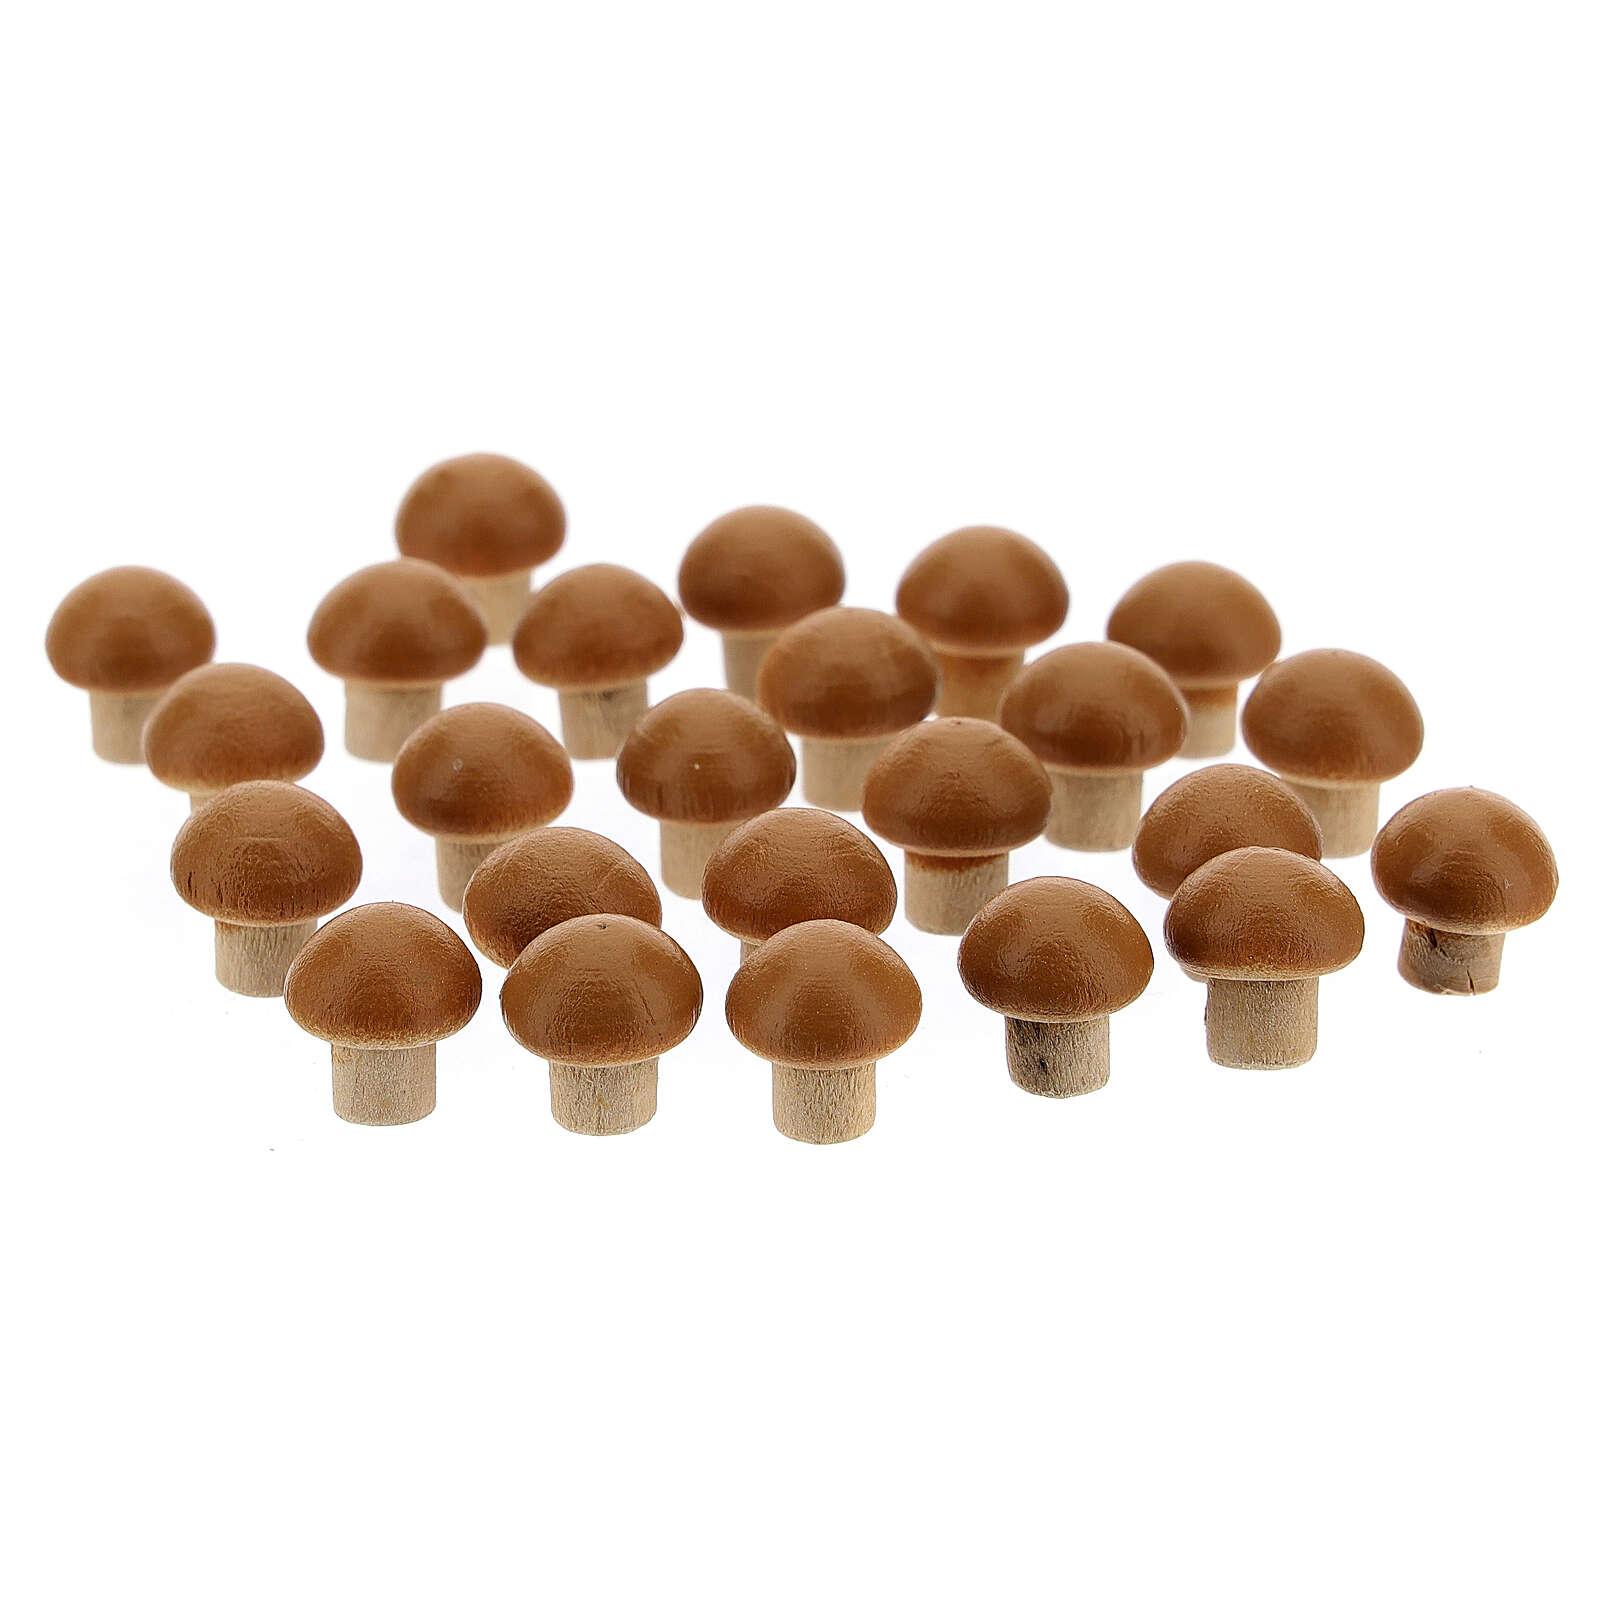 Funghi 24 pezzi presepe 8 cm 4